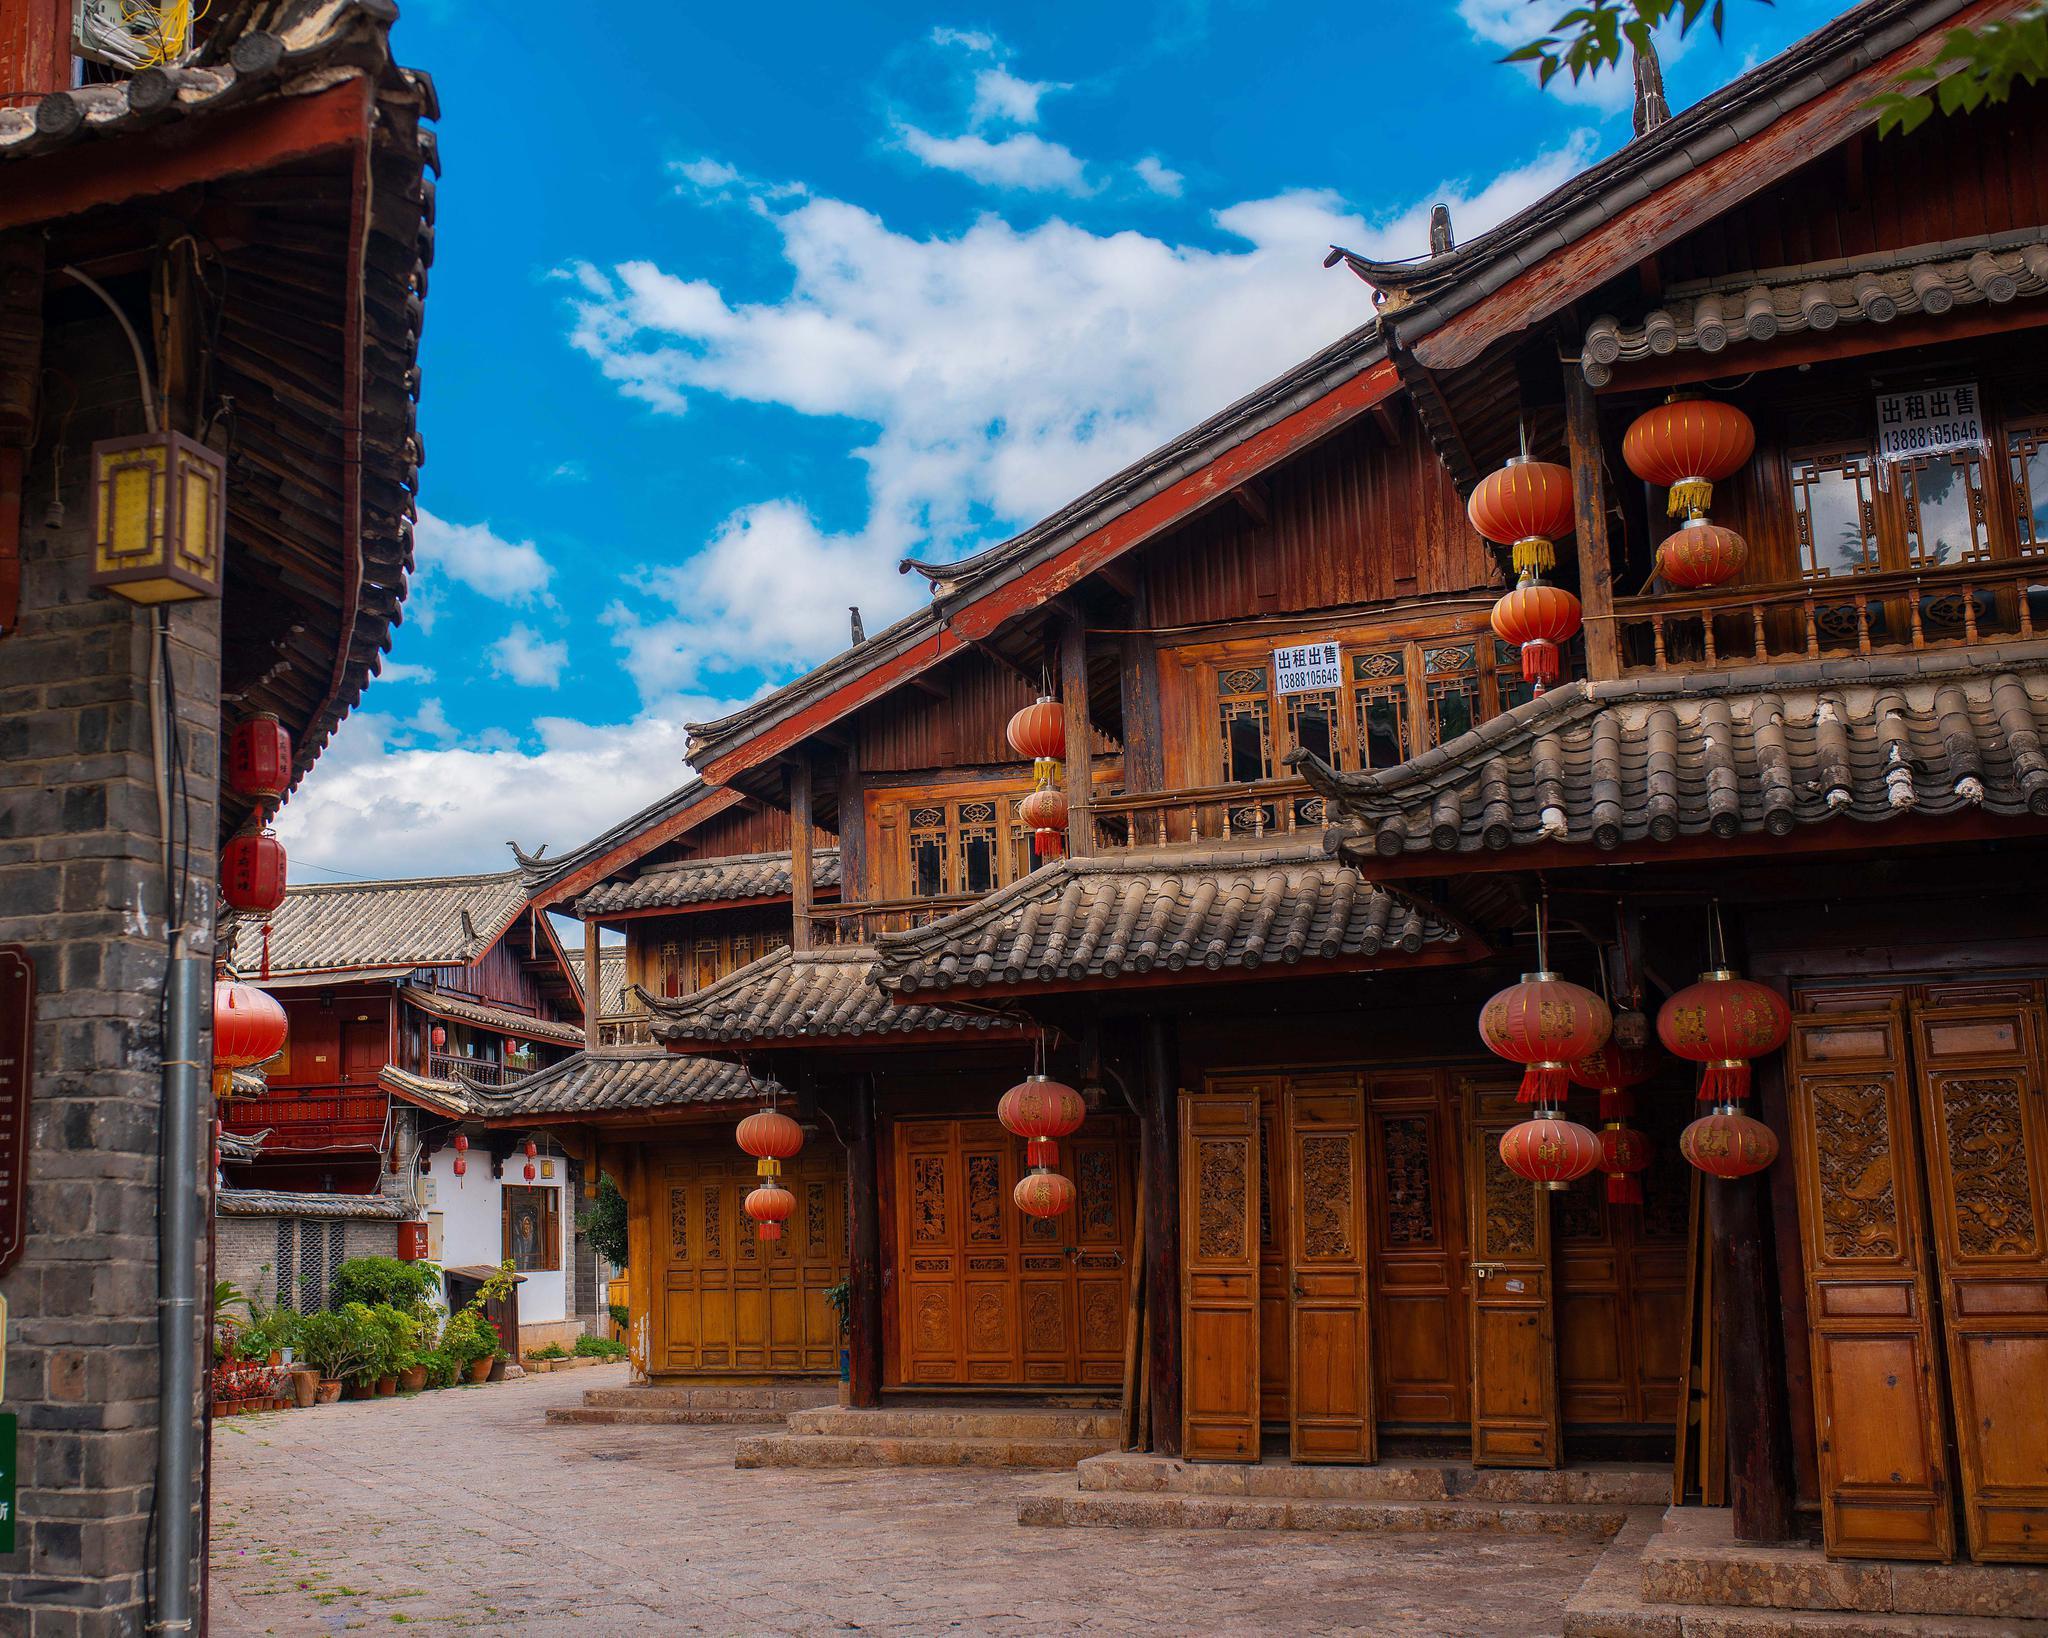 雨季过后的丽江,云色分明,整个丽江古城的建筑清晰地呈现在眼前